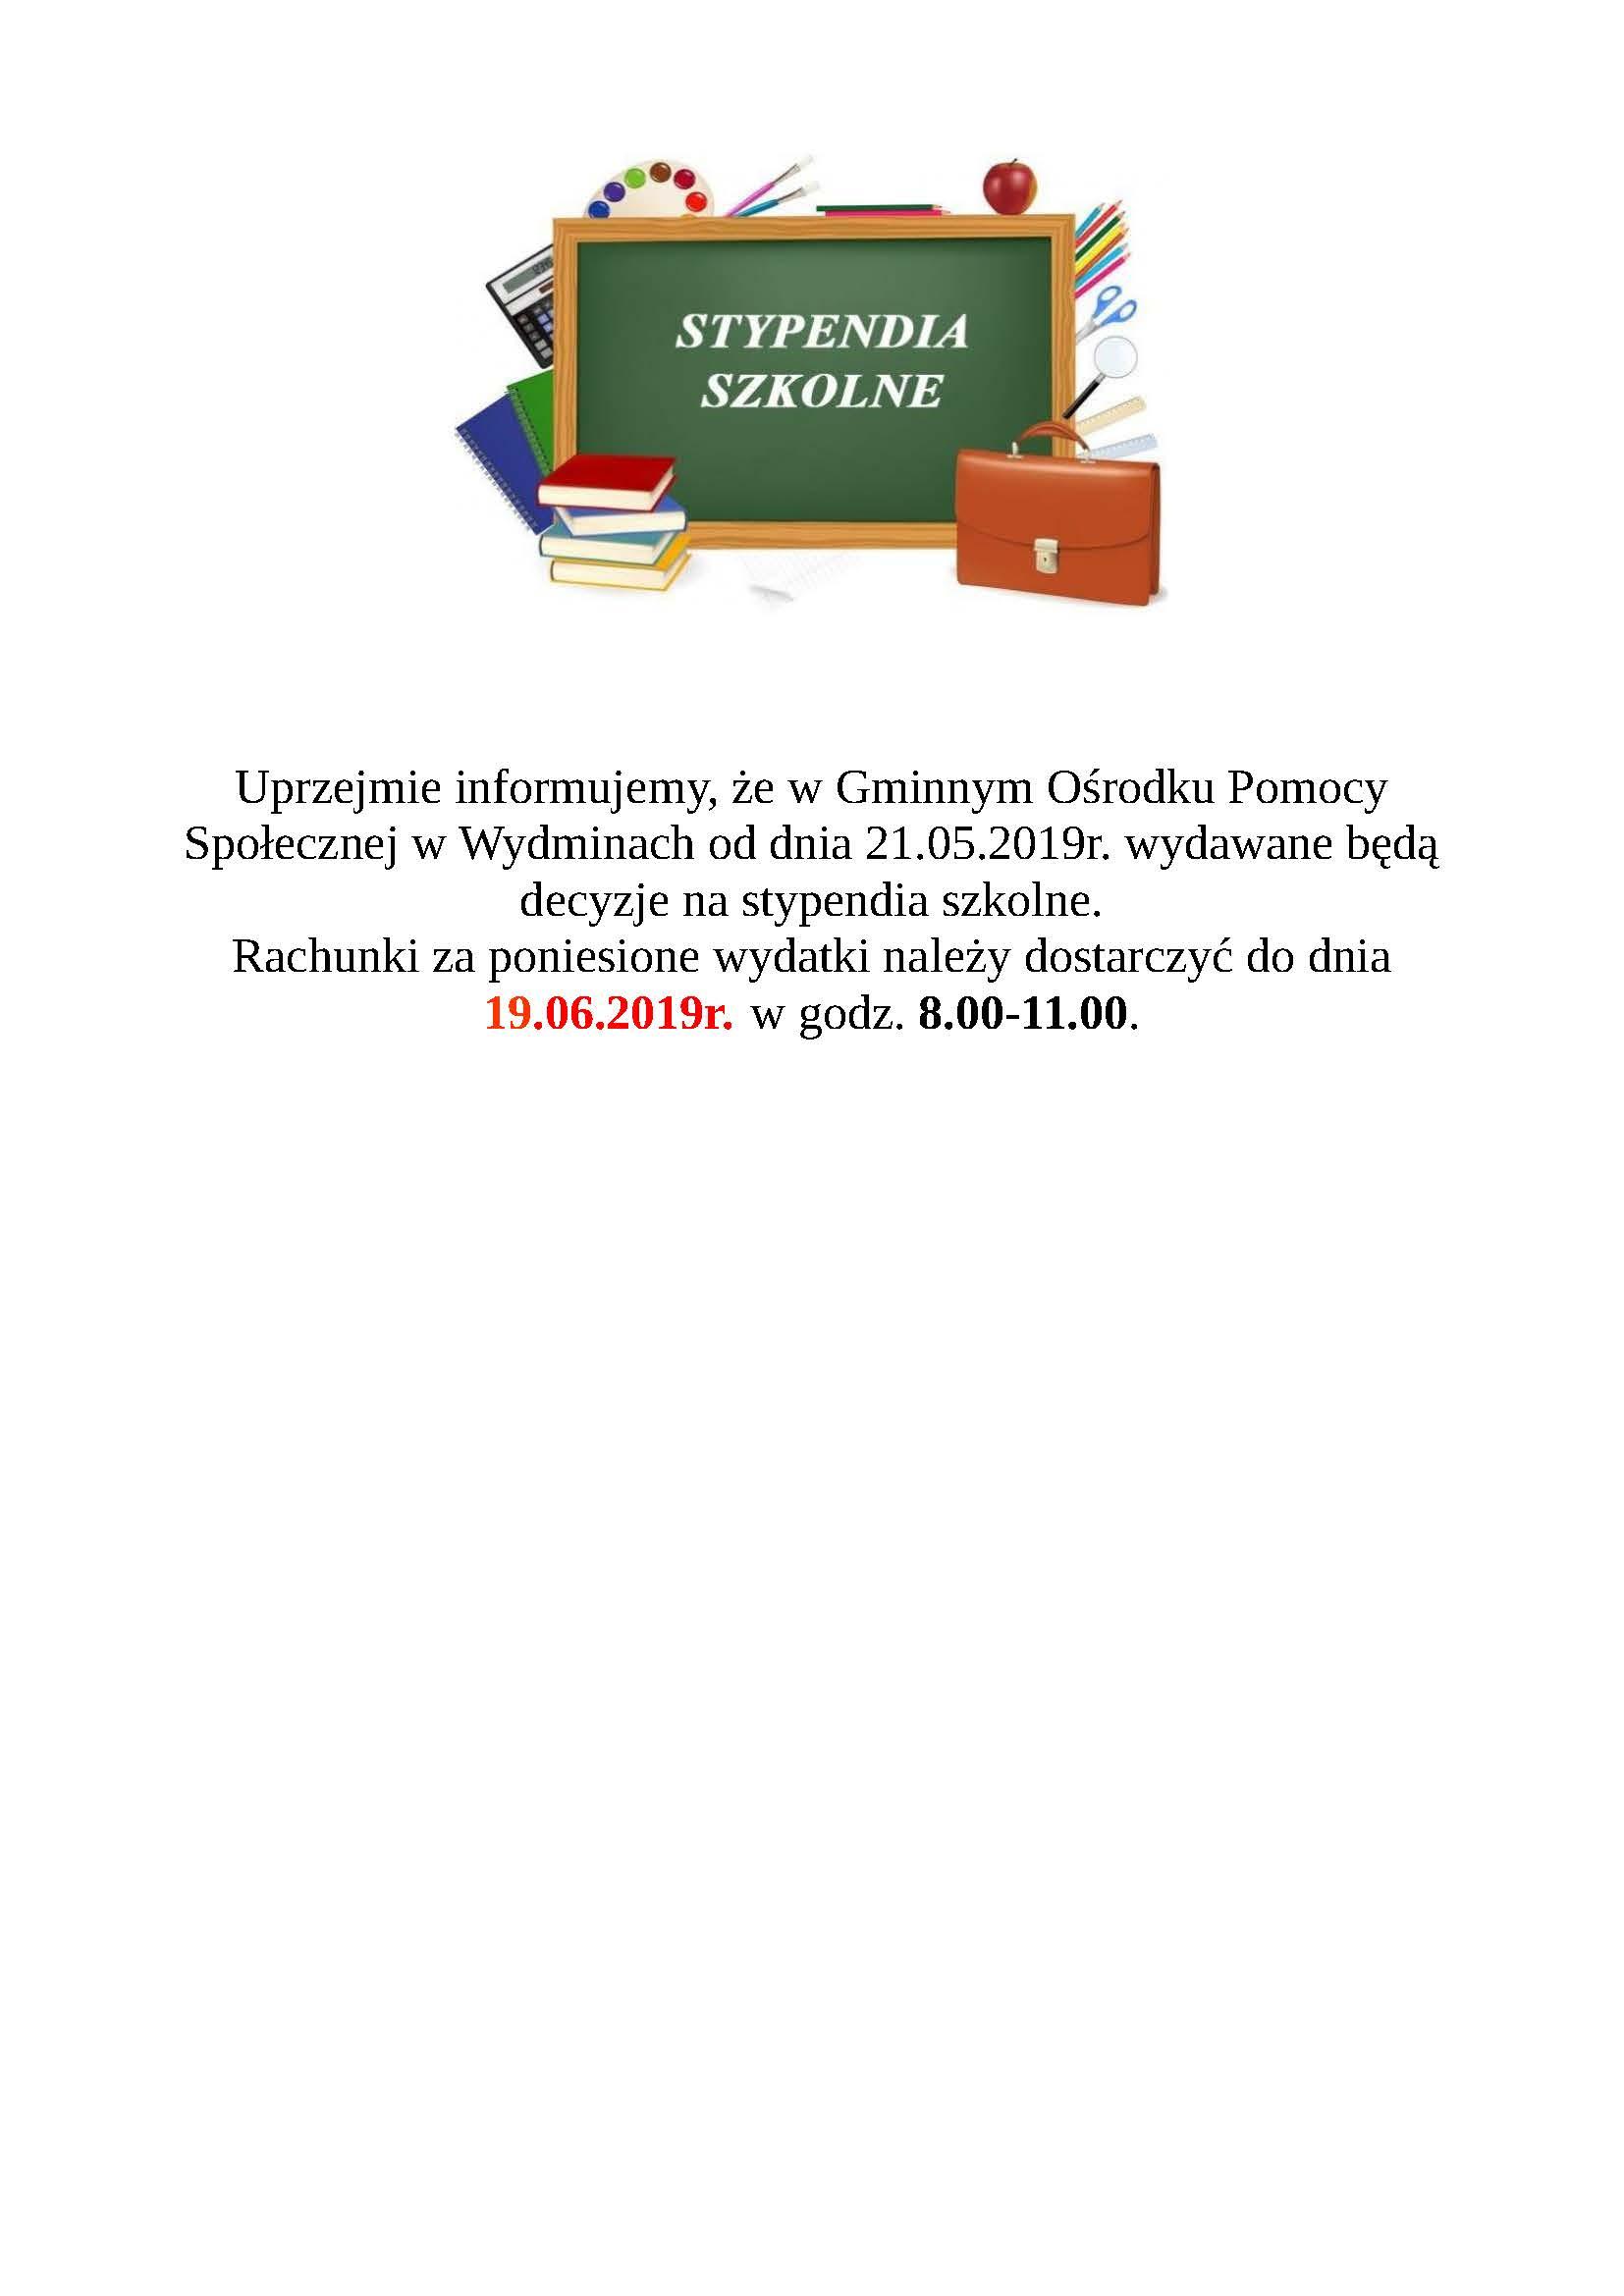 inf. stypendium szkolne